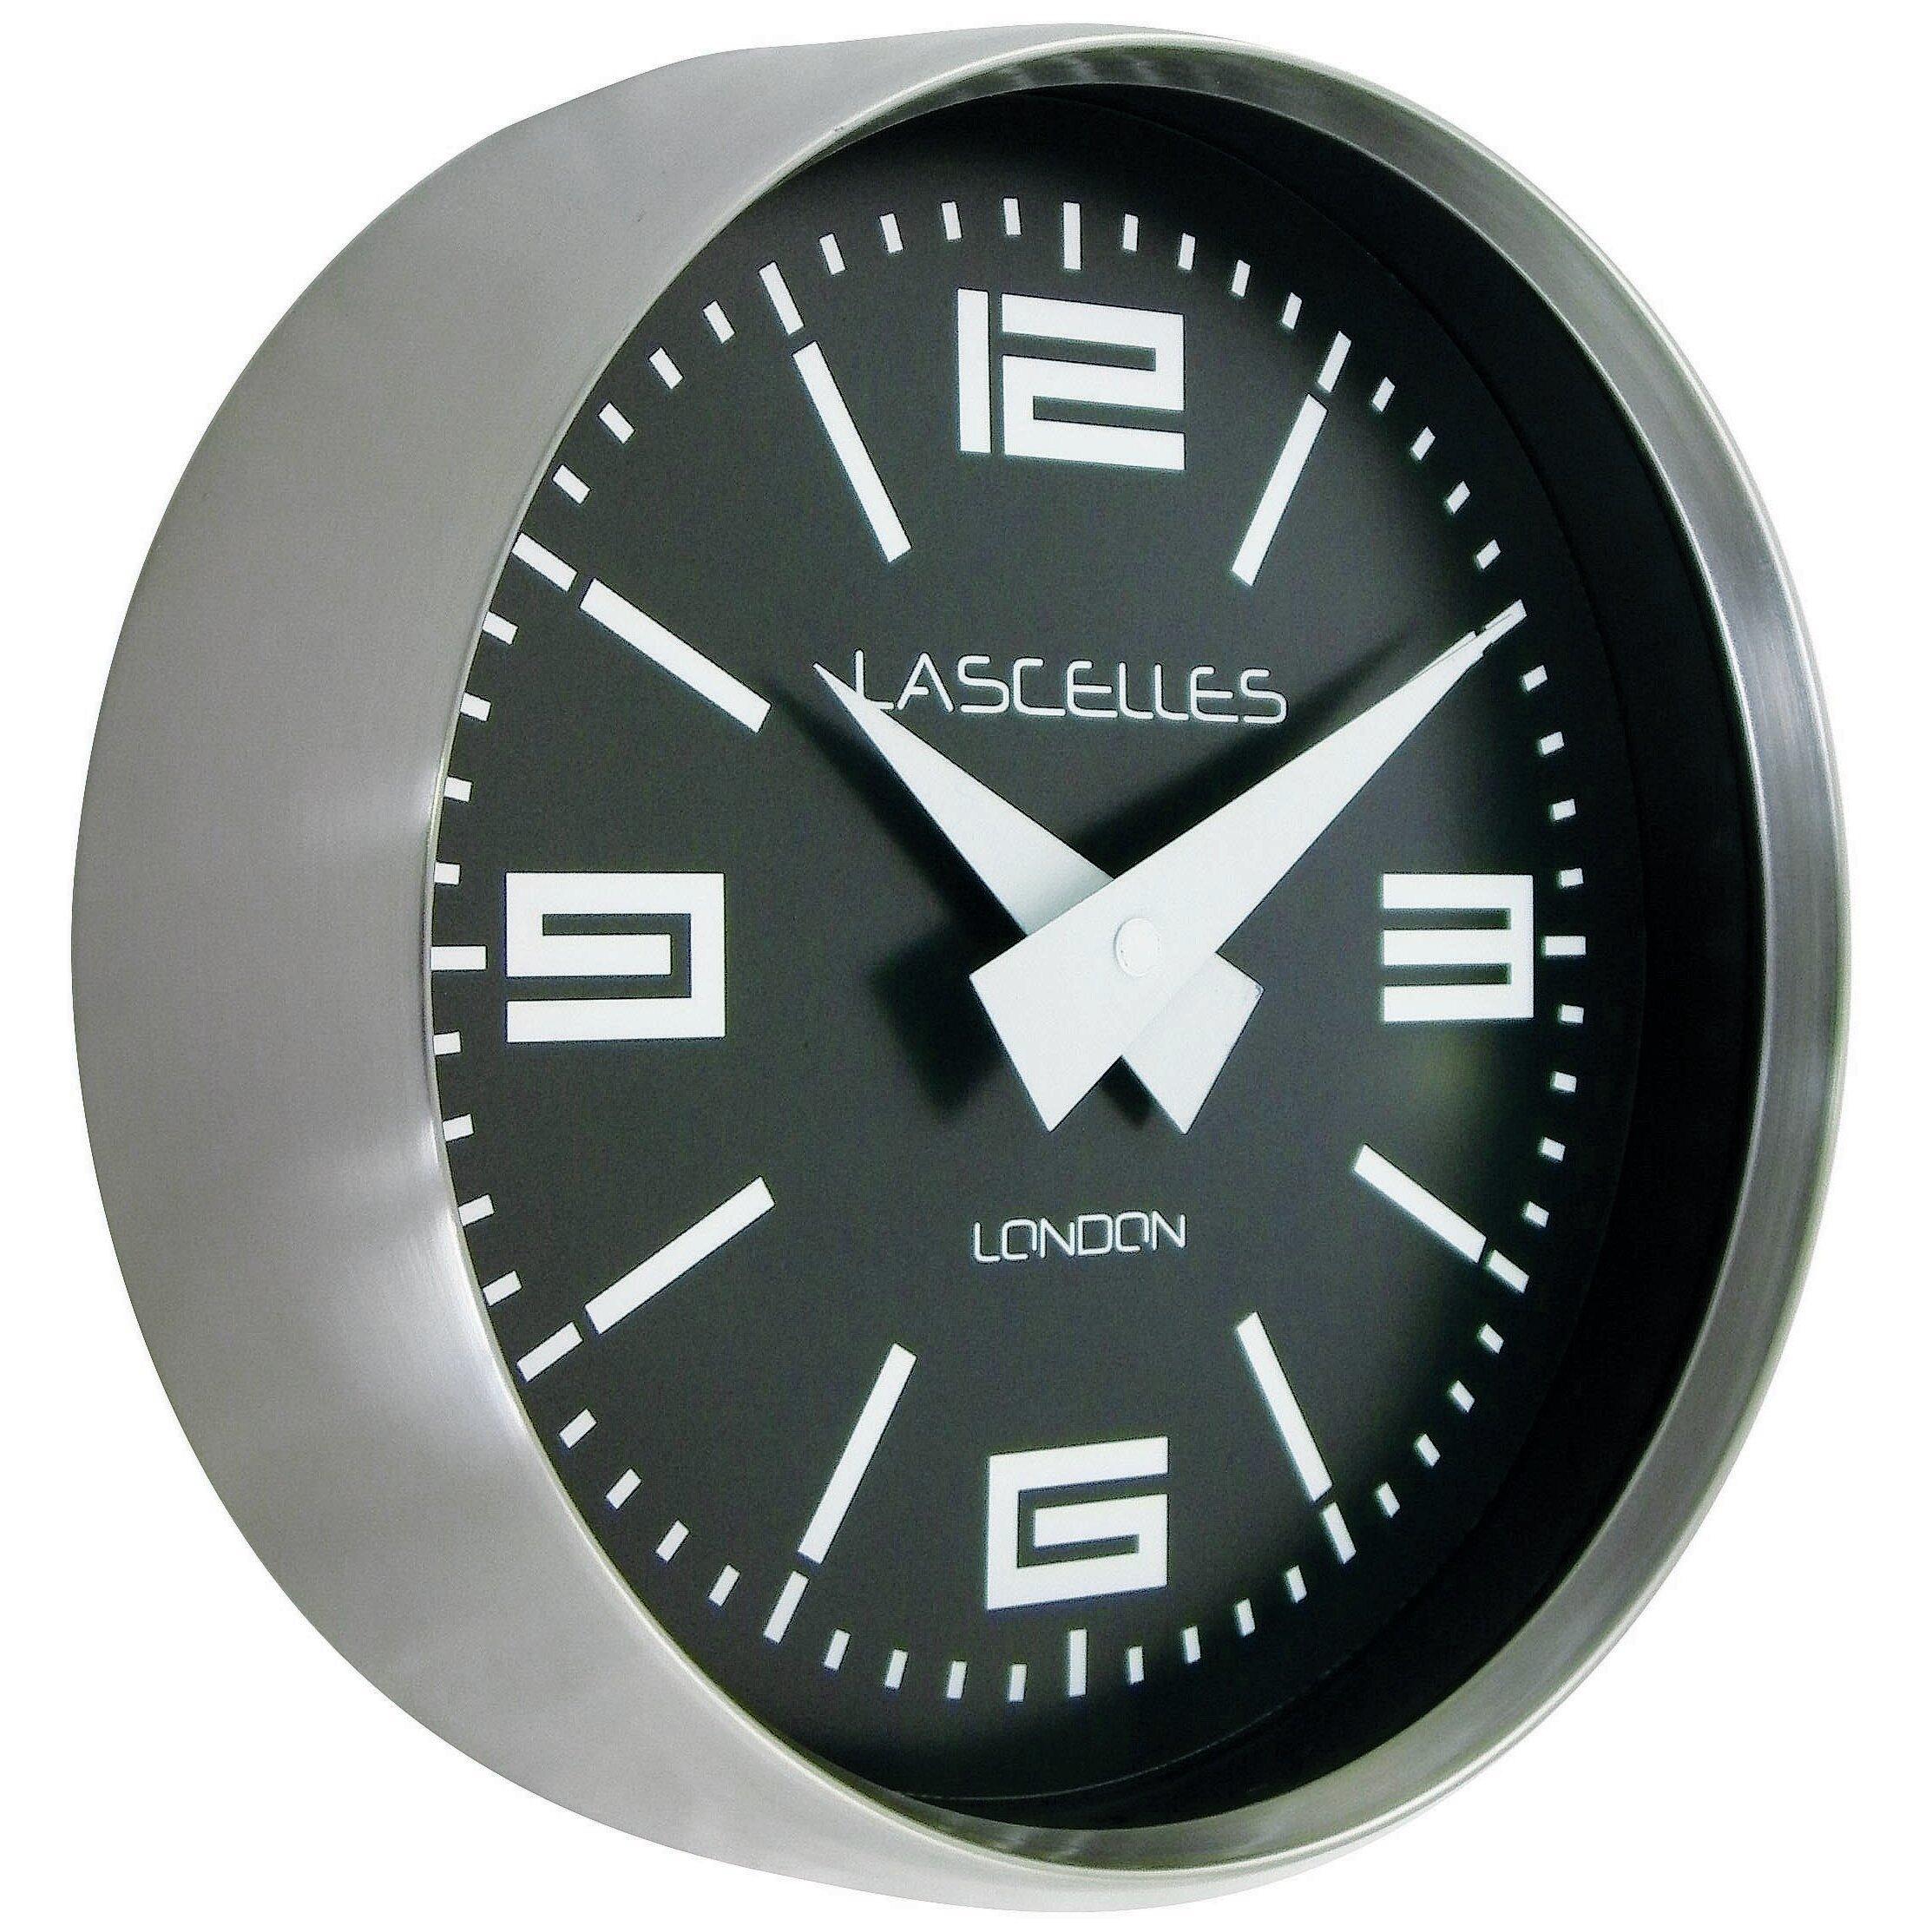 Roger Lascelles Clocks 23cm Brushed Chroke Cased Circular ...